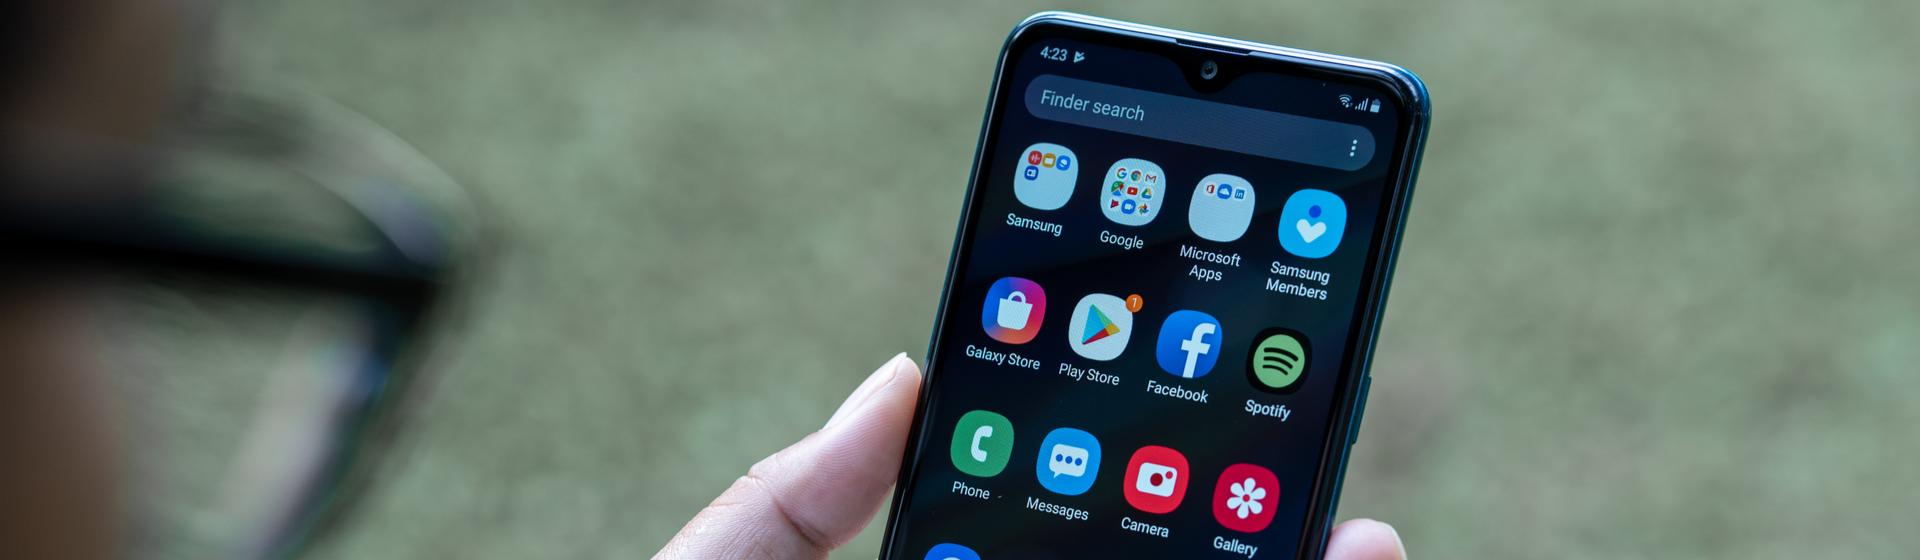 Celular bom e barato: 12 smartphones com preço baixo em 2020